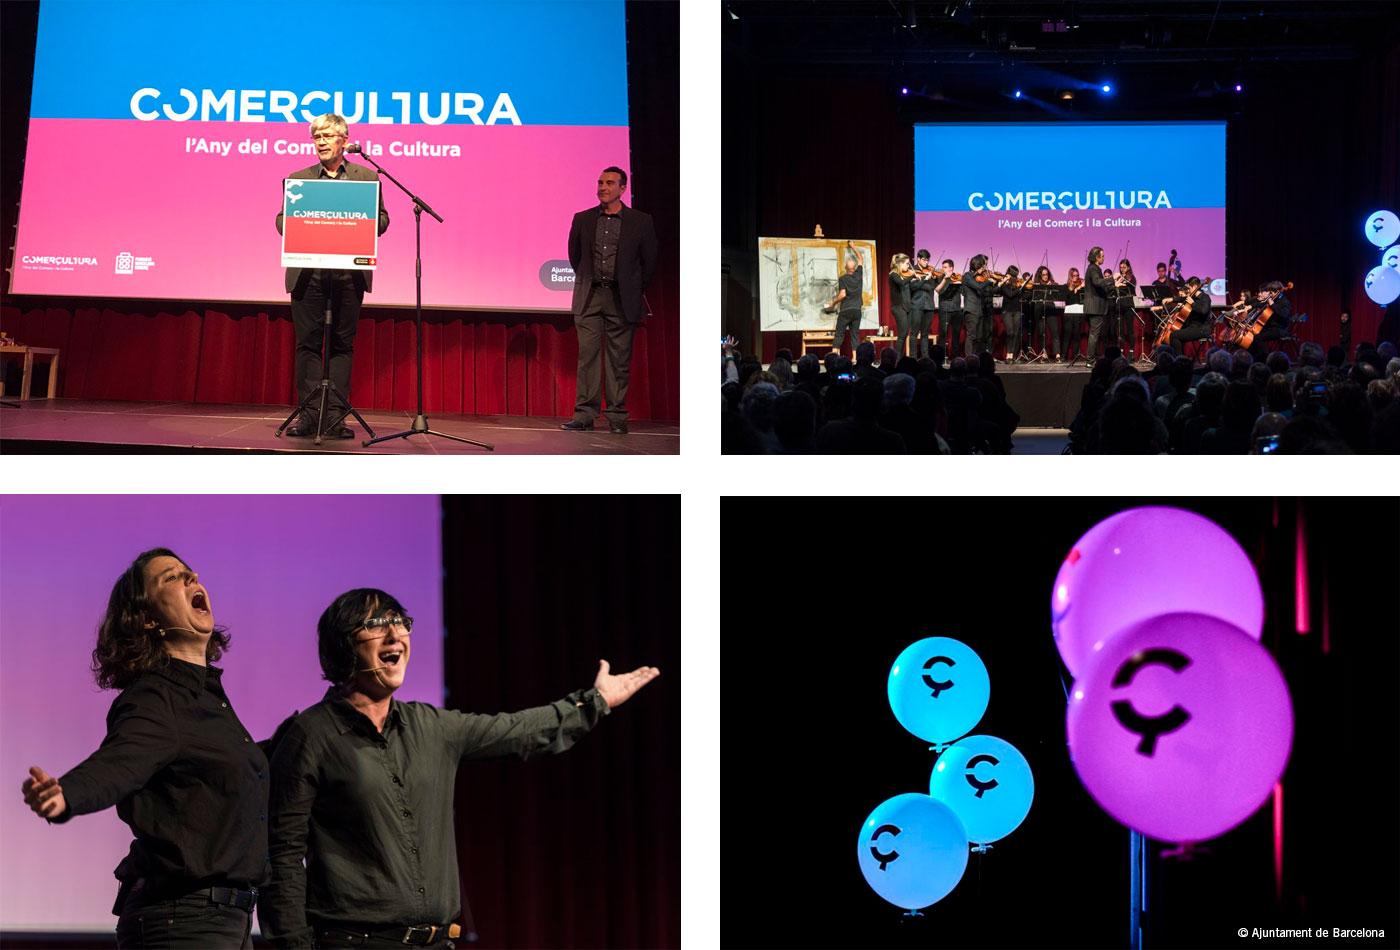 logo-comercultura-ajuntament-barcelona-identitat